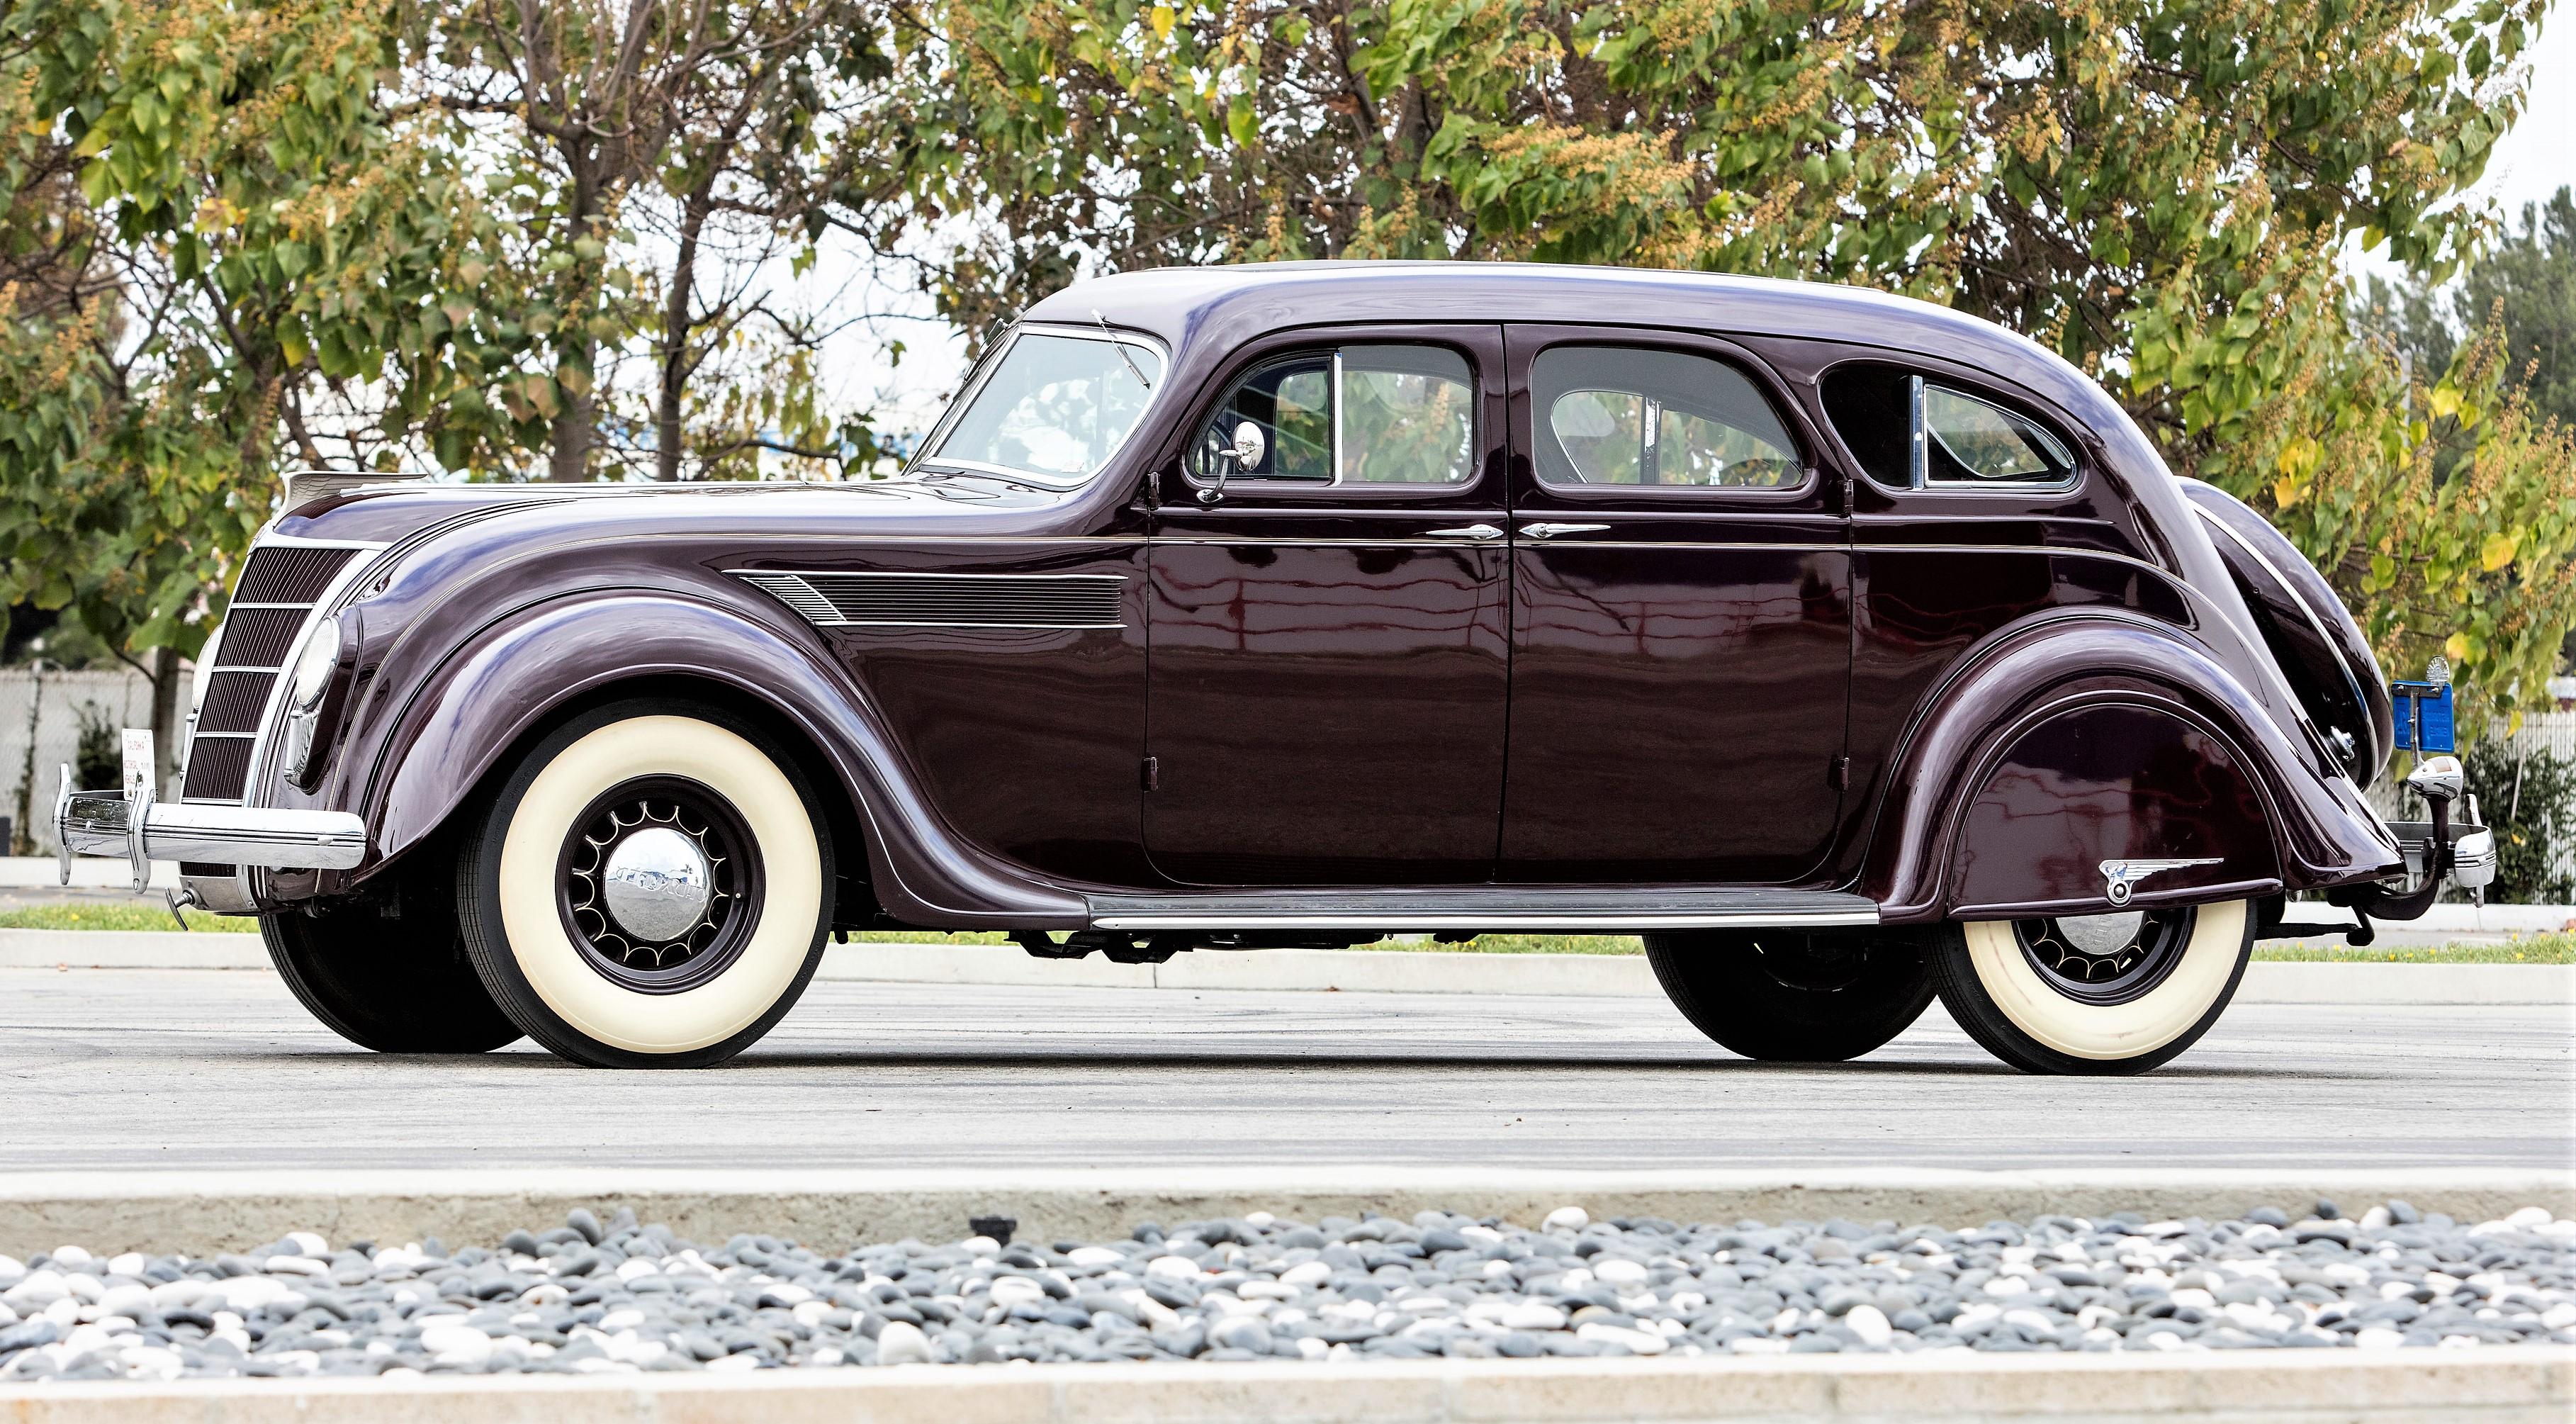 Carroll Shelby, Carroll Shelby's 24-car collection set for Bonhams auction, ClassicCars.com Journal